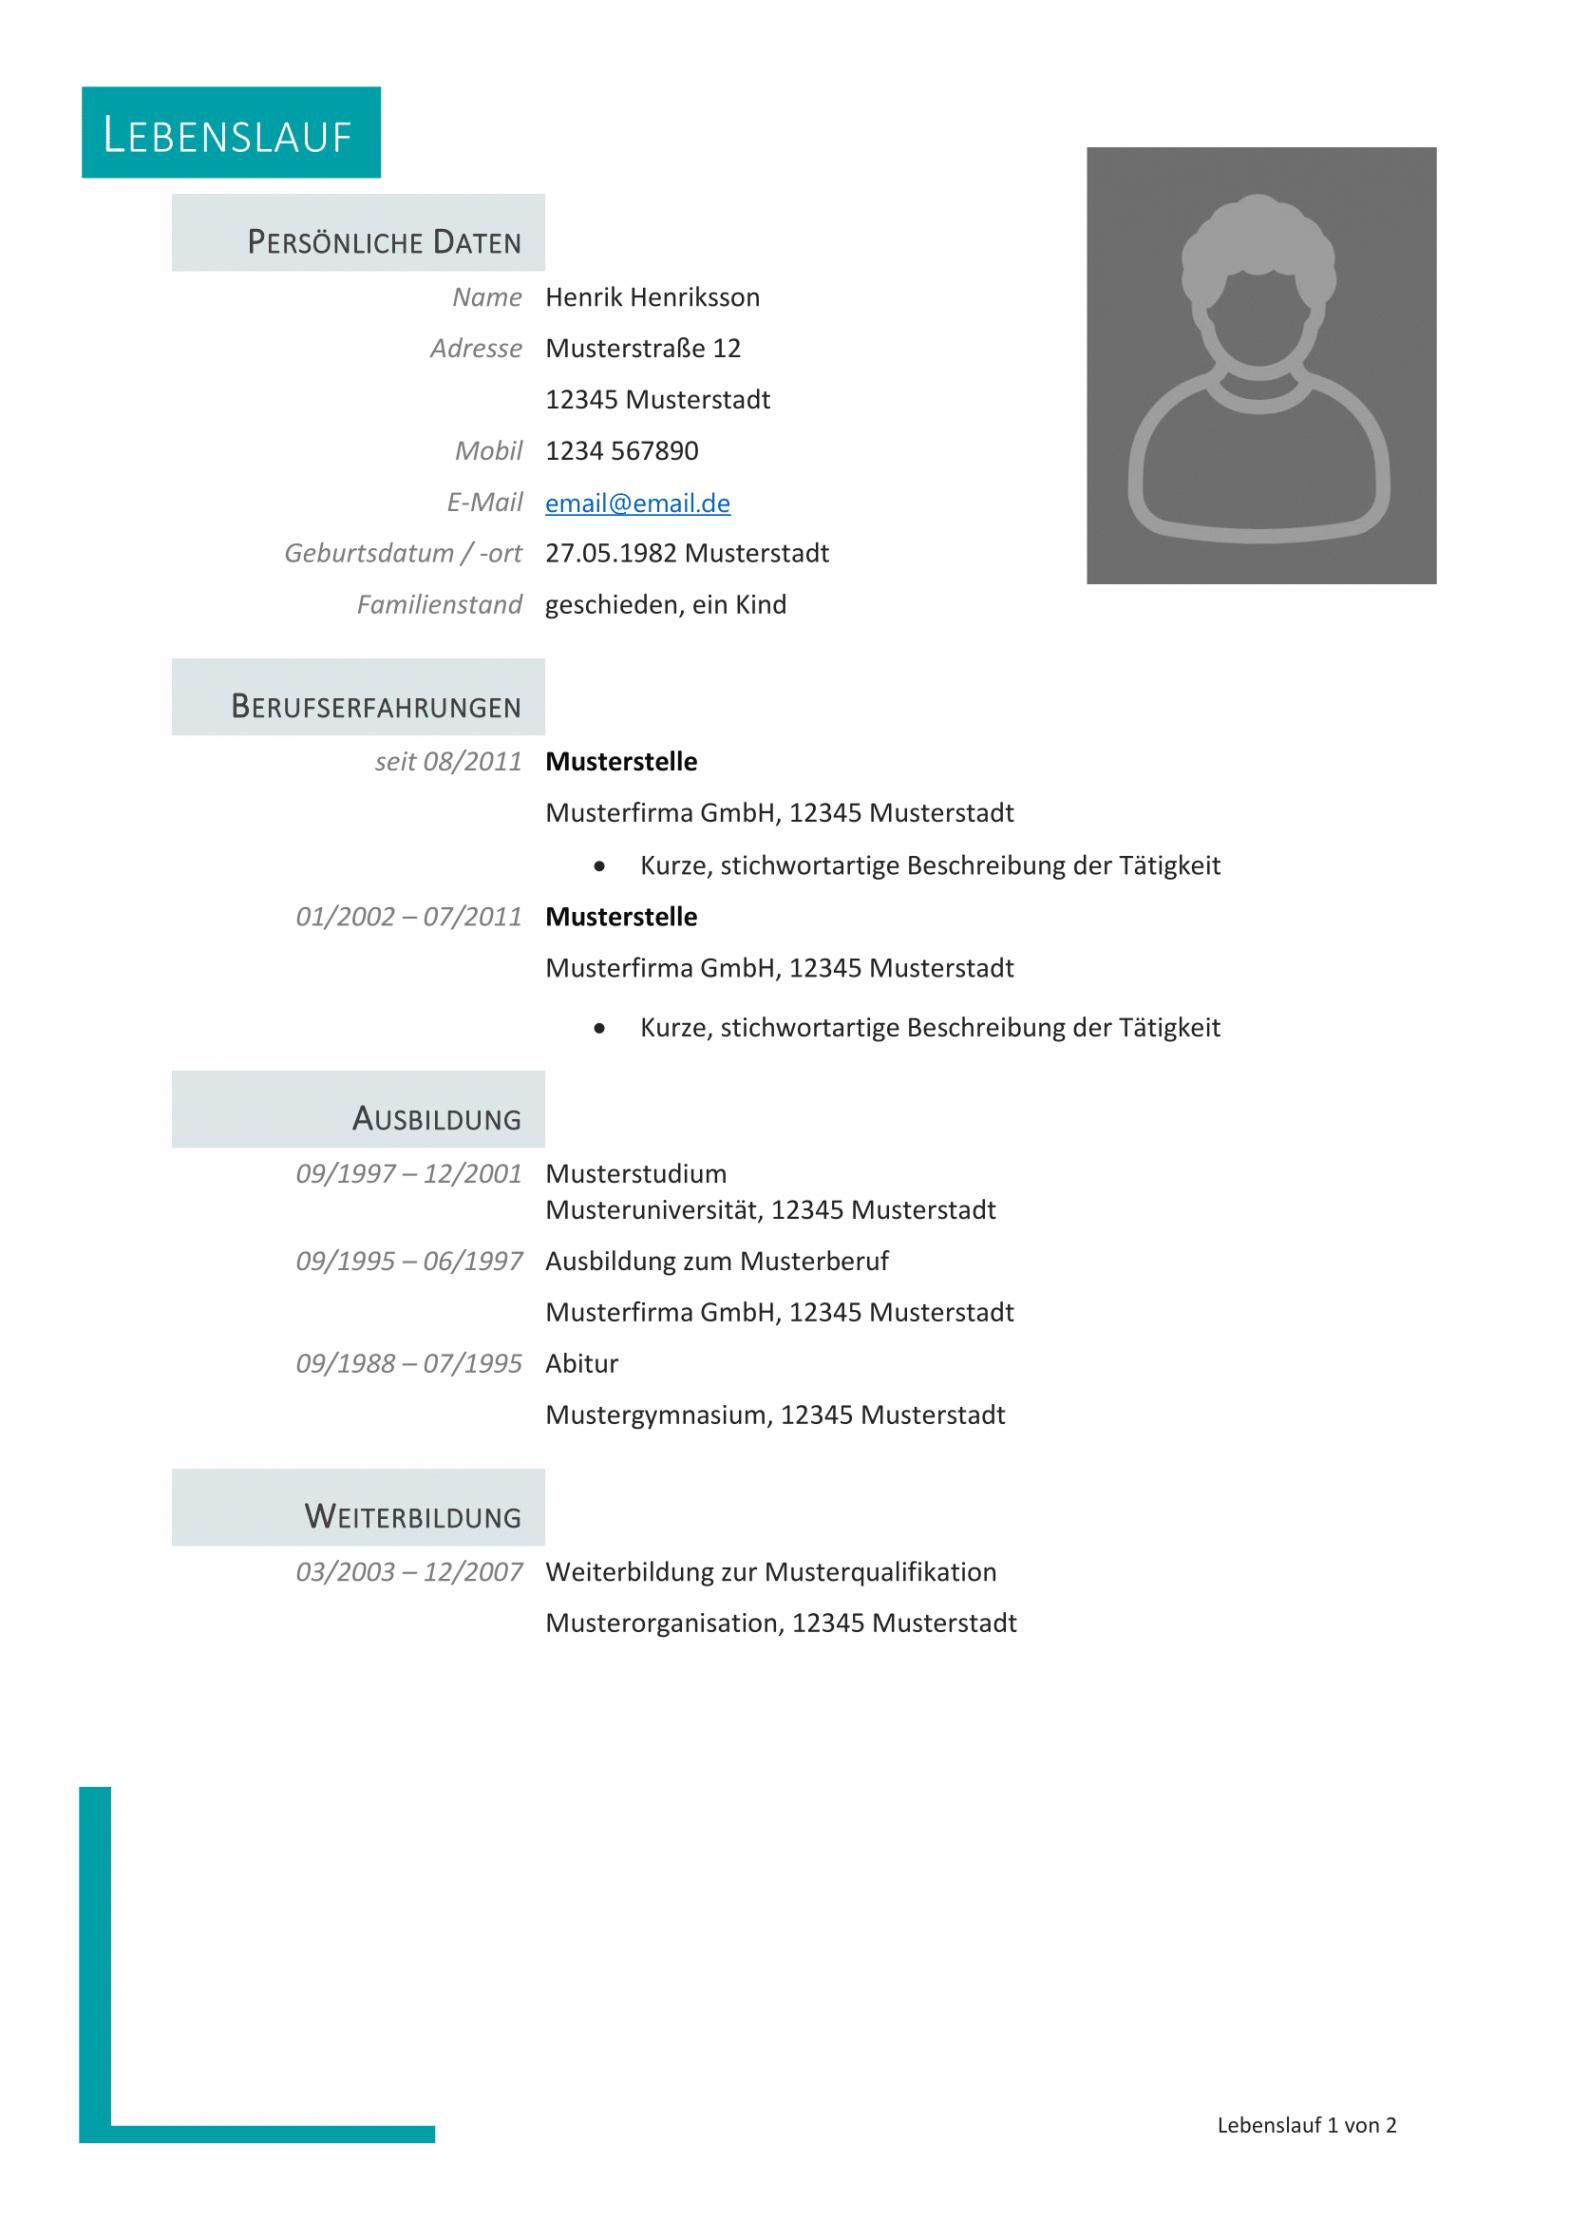 Kostenlose Lebenslauf Muster Und Vorlagen Für Deine Bewerbung 2018 Lebenslauf Vorlage Modern Schüler